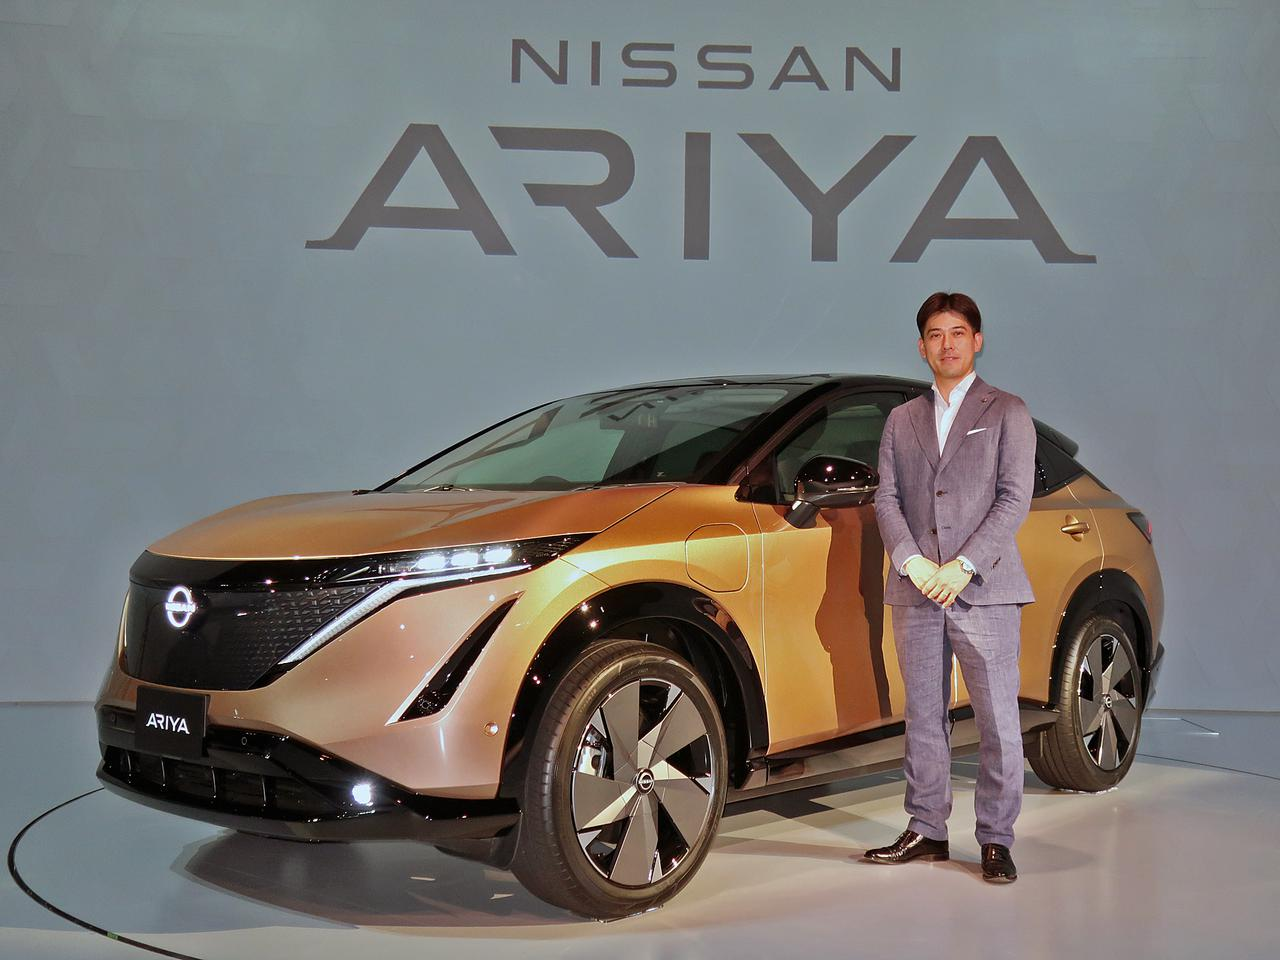 日産が100%電気自動車のクロスオーバーEV「アリア」を発表! 発売は2021年中頃の予定